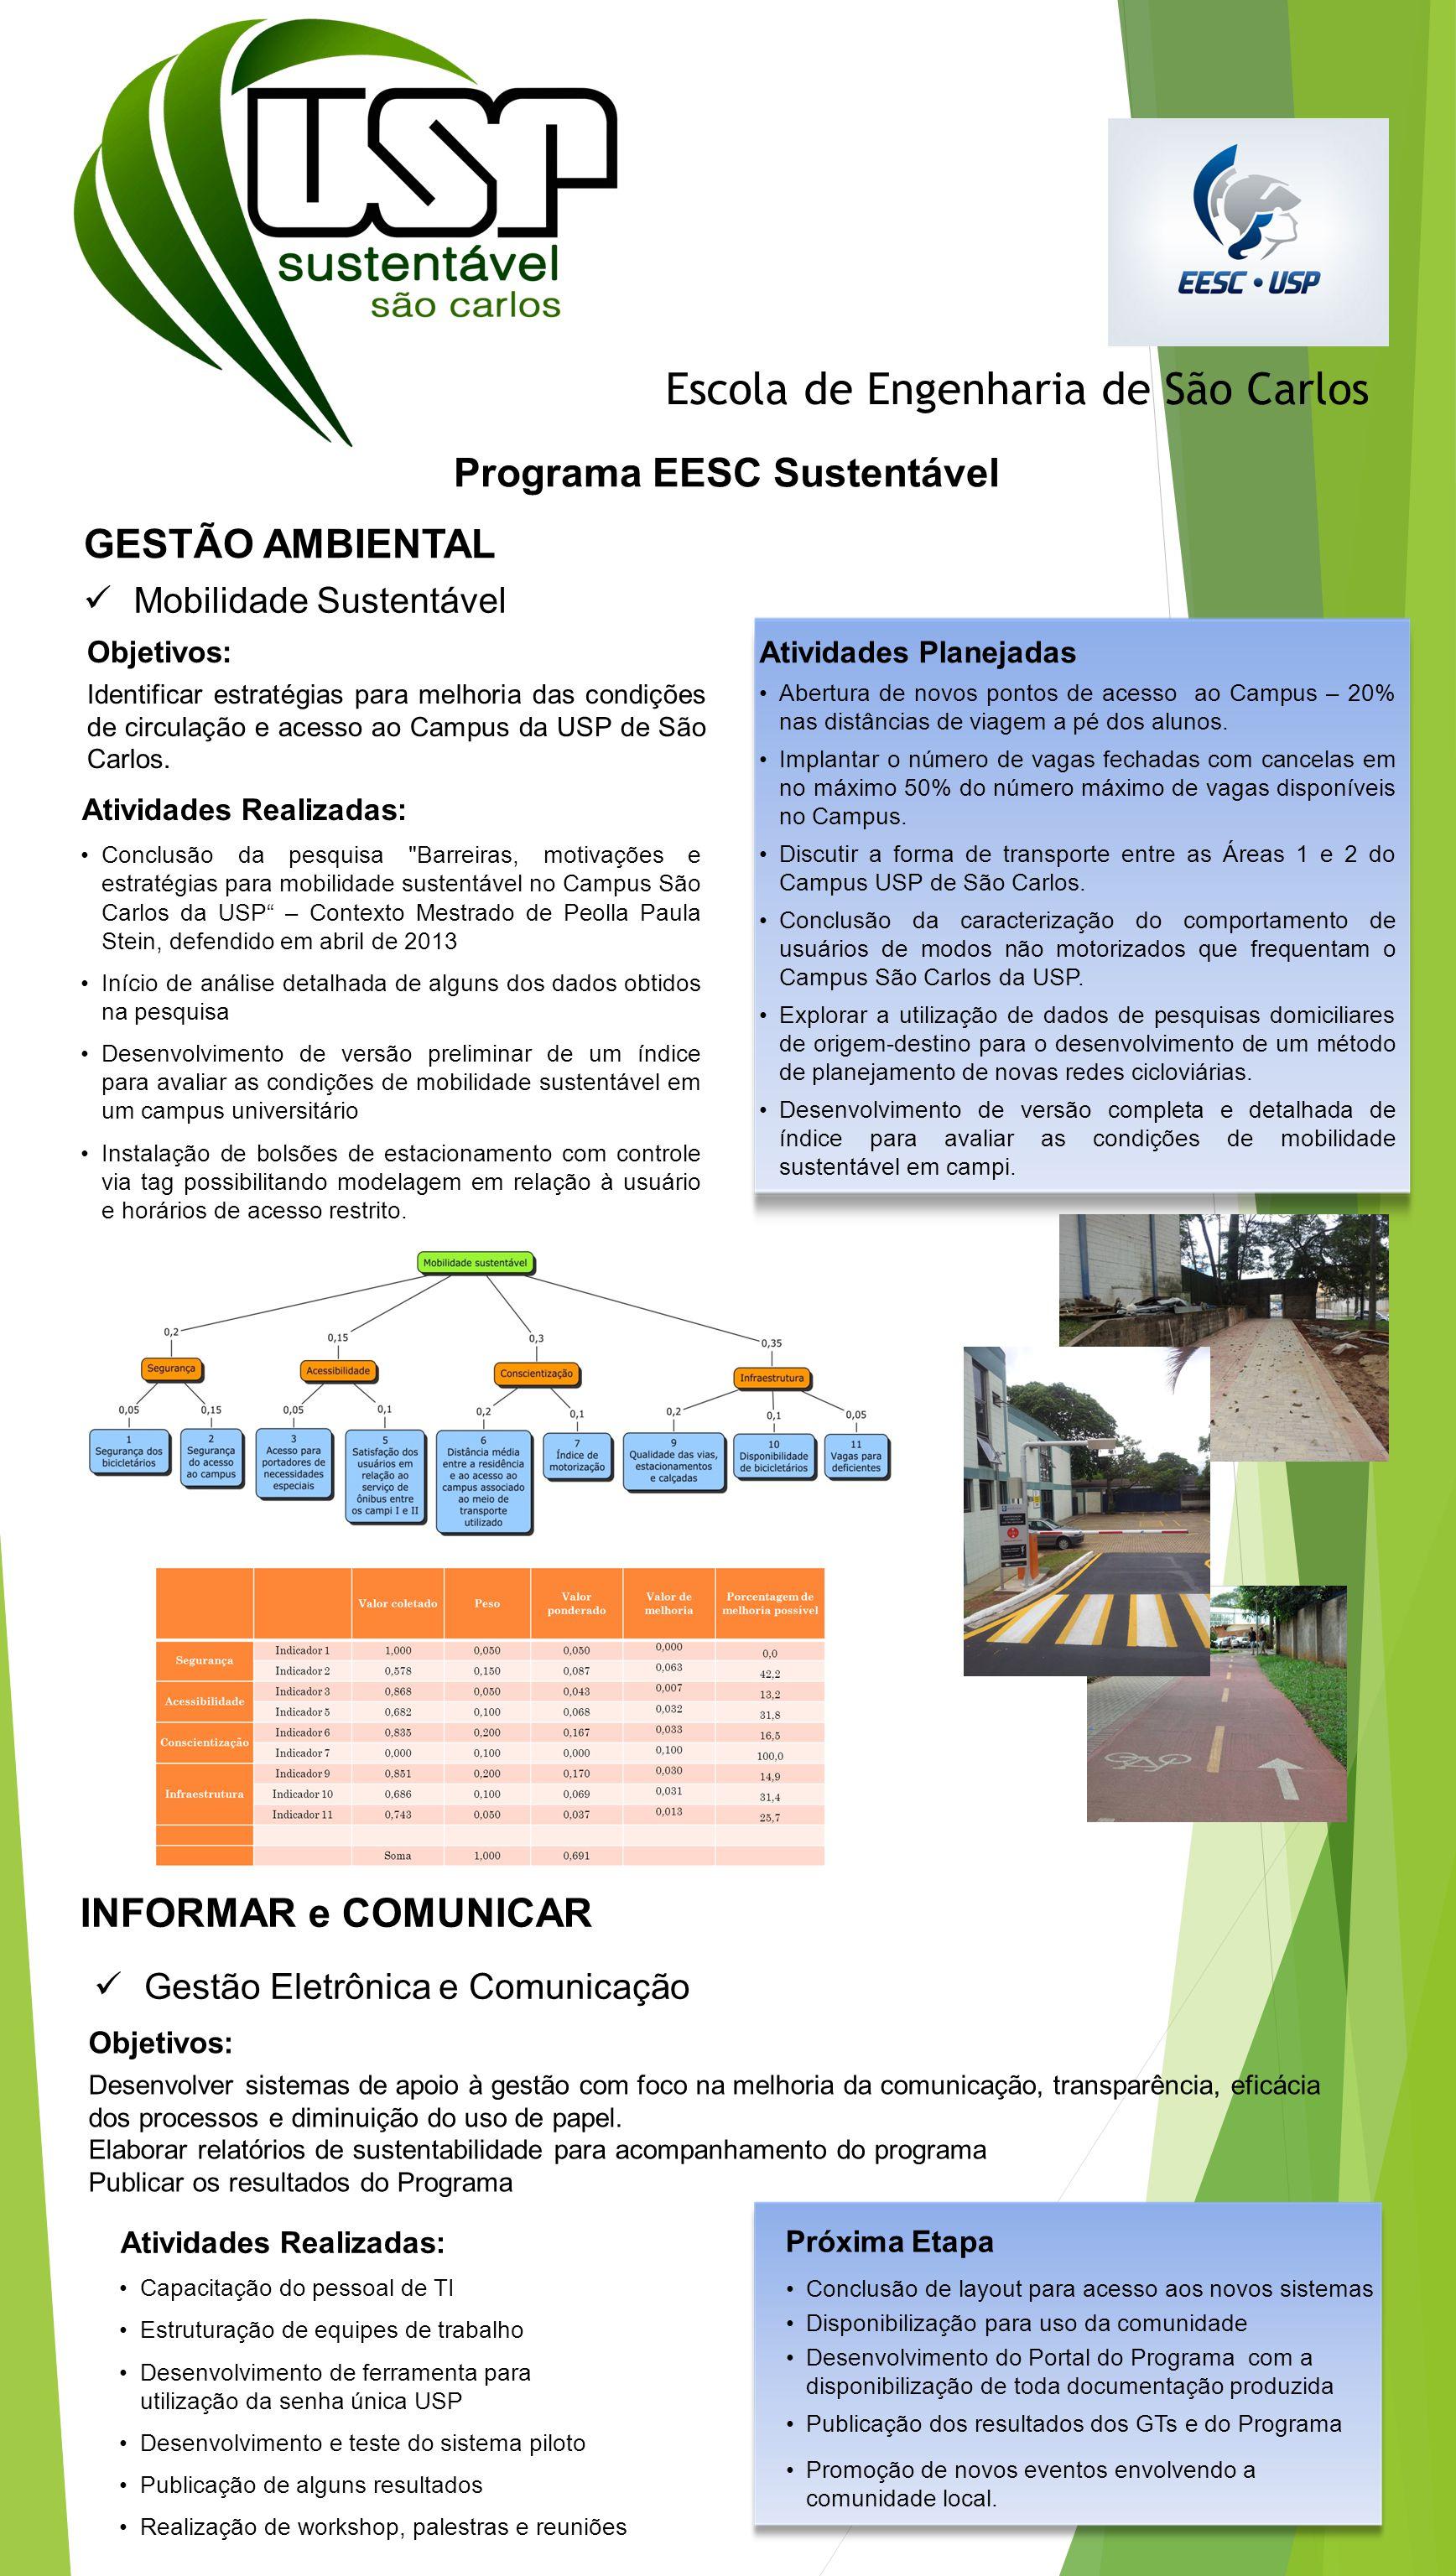 Escola de Engenharia de São Carlos Programa EESC Sustentável Mobilidade Sustentável GESTÃO AMBIENTAL Objetivos: Desenvolver sistemas de apoio à gestão com foco na melhoria da comunicação, transparência, eficácia dos processos e diminuição do uso de papel.